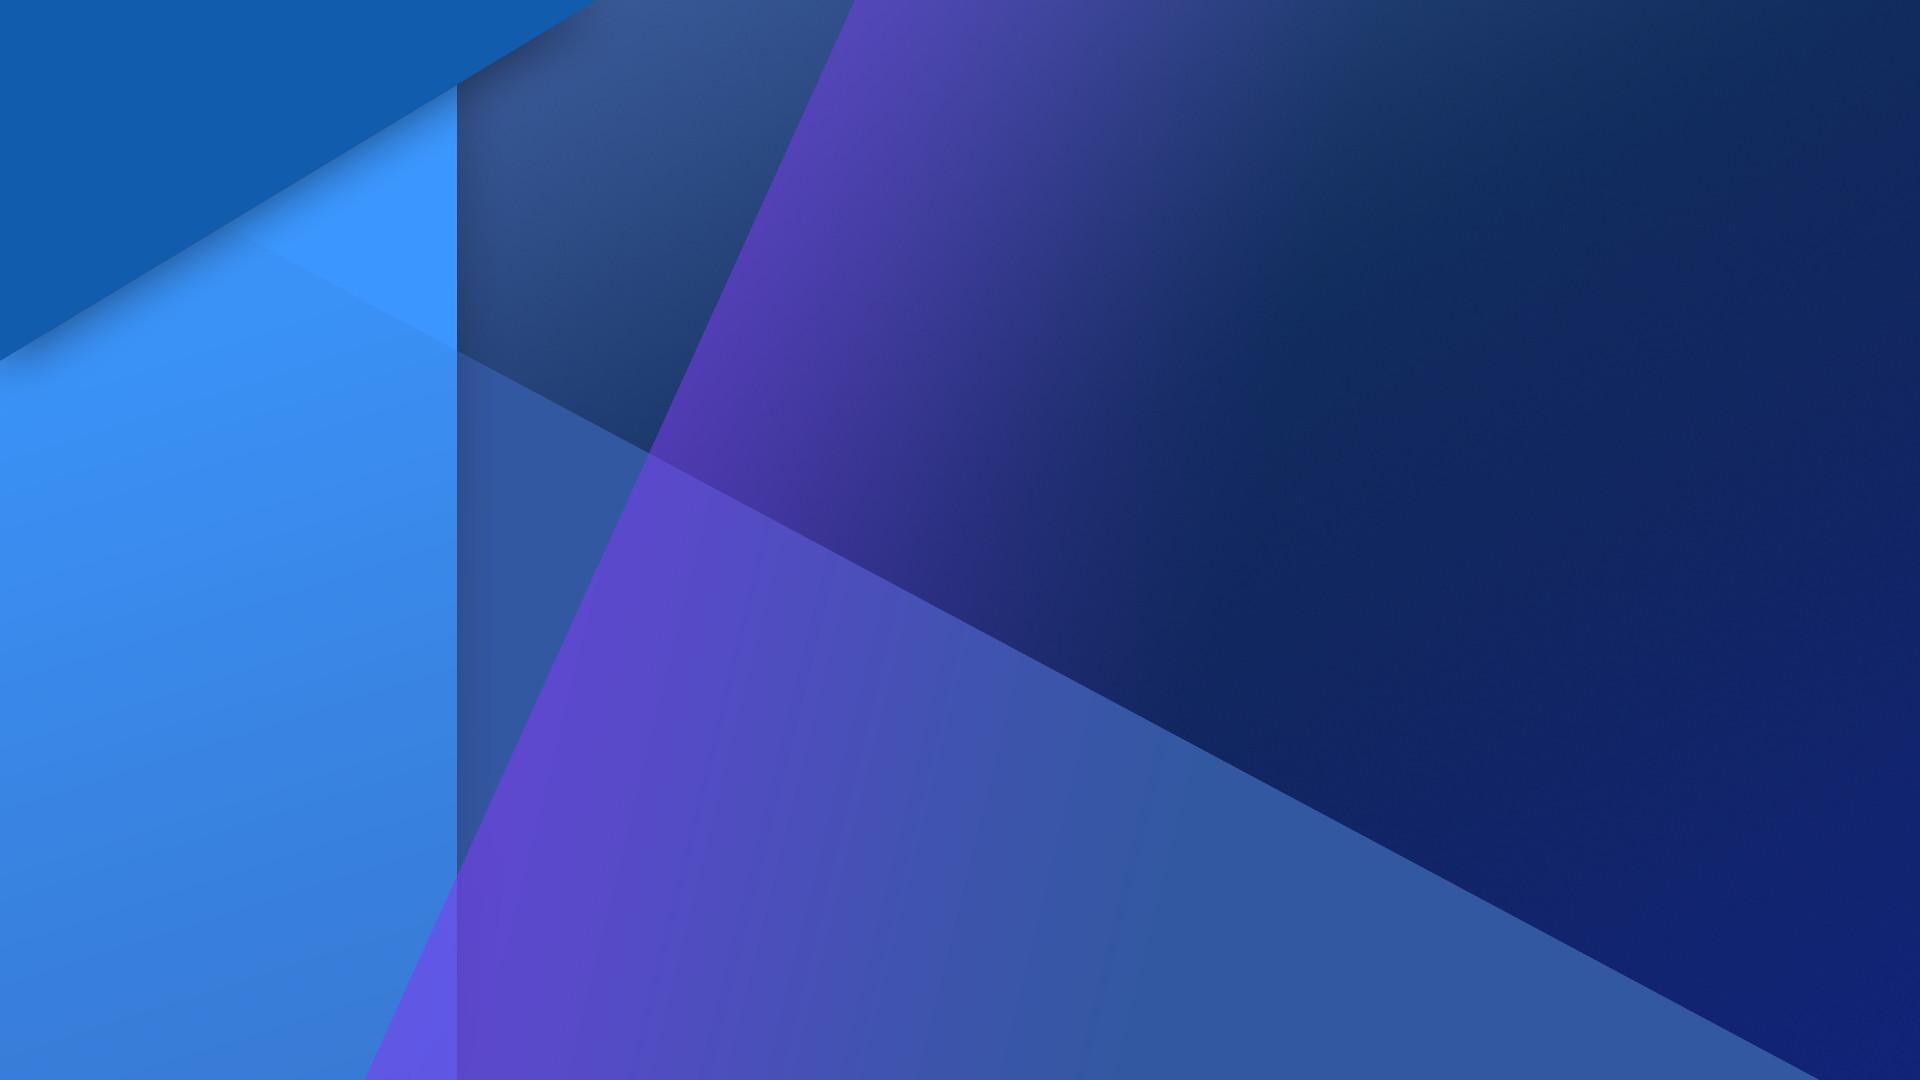 Simple Desktop Wallpaper 84 Pictures